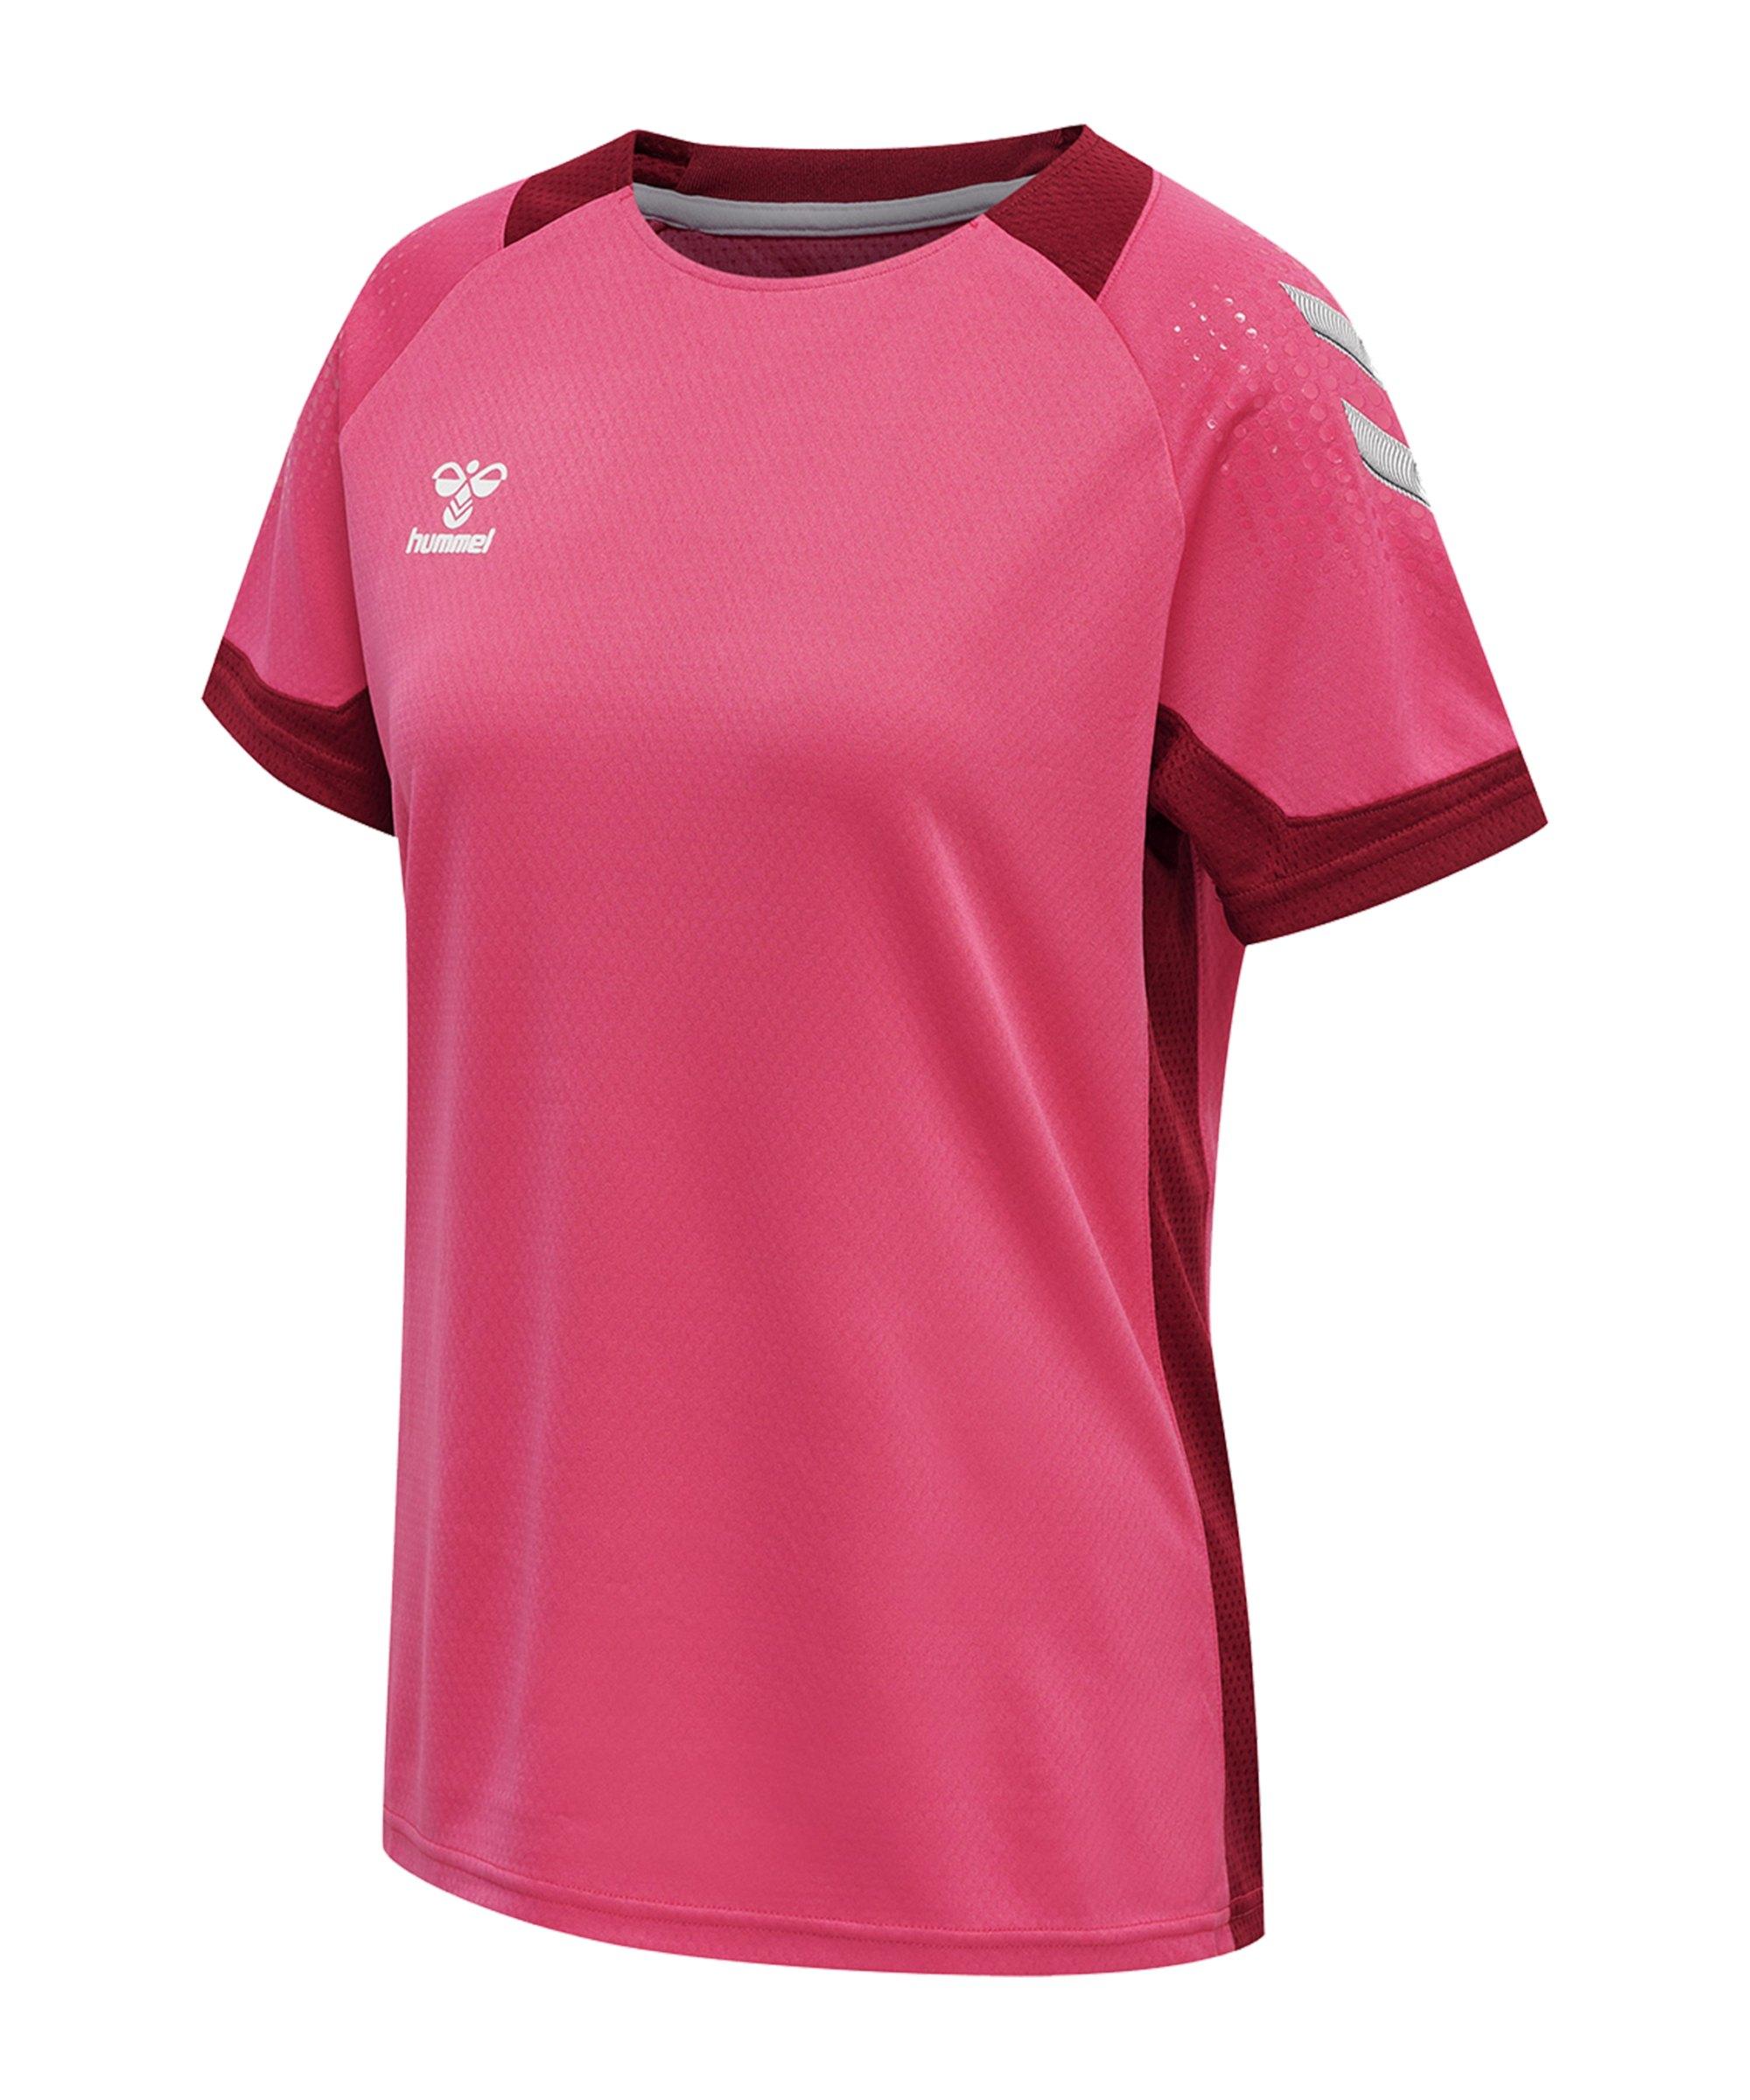 Hummel hmlLEAD Trainingsshirt Damen Pink F3576 - pink